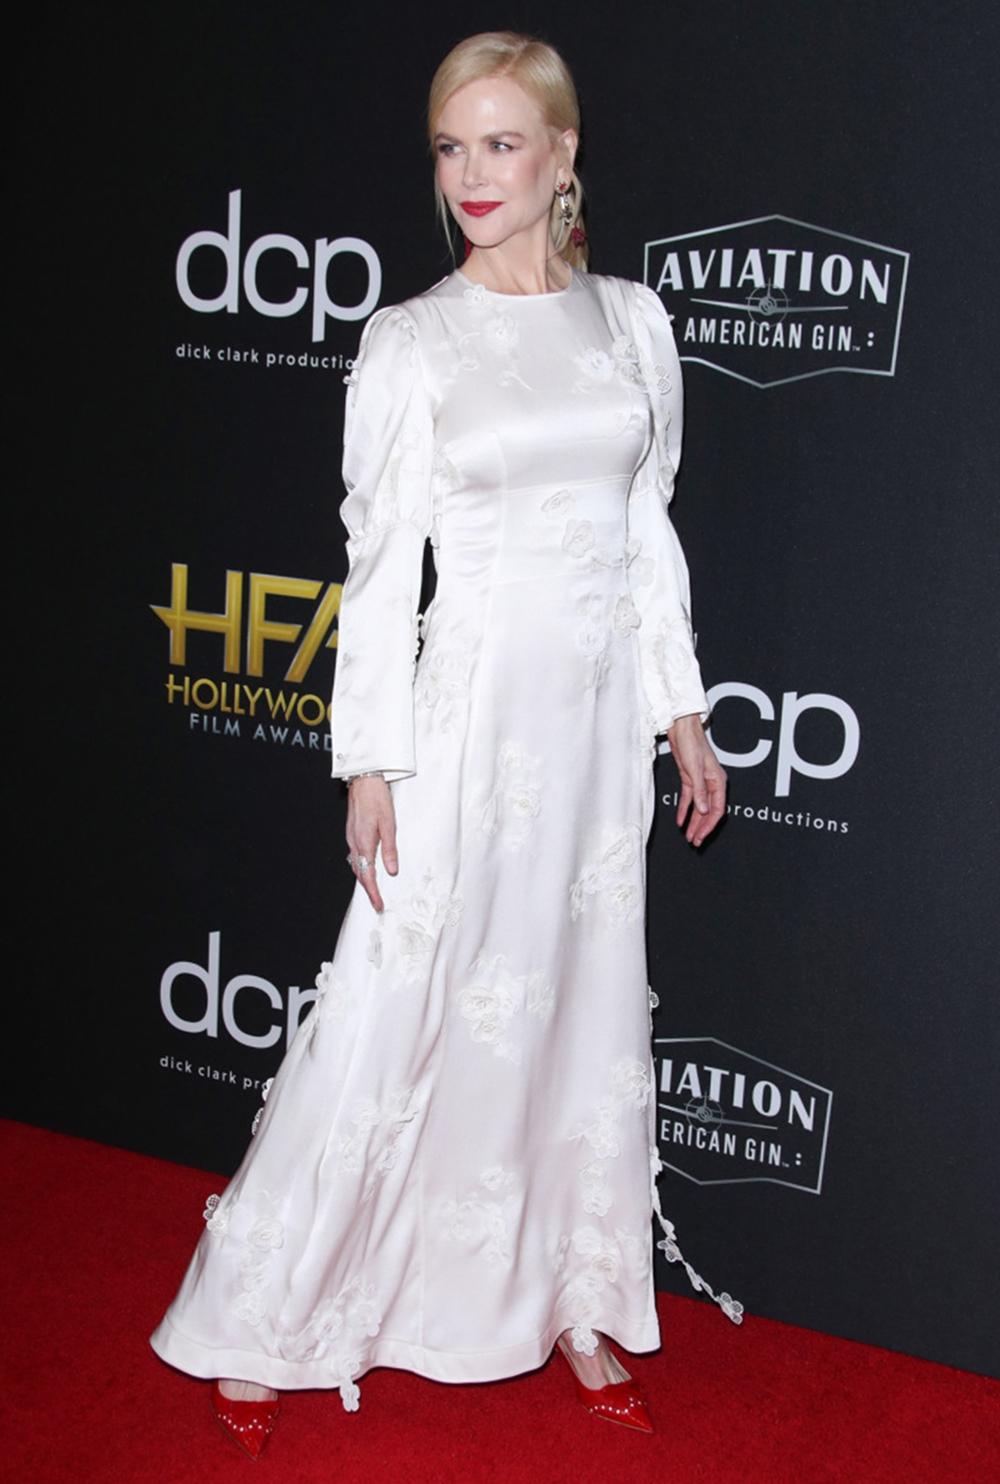 Khi nhận giải thưởng diễn xuất tại Hollywood Career Achievement Award 2019, cô được khen thanh lịch với váy satin trắng Loewen cùng giày đỏ Miu Miu.